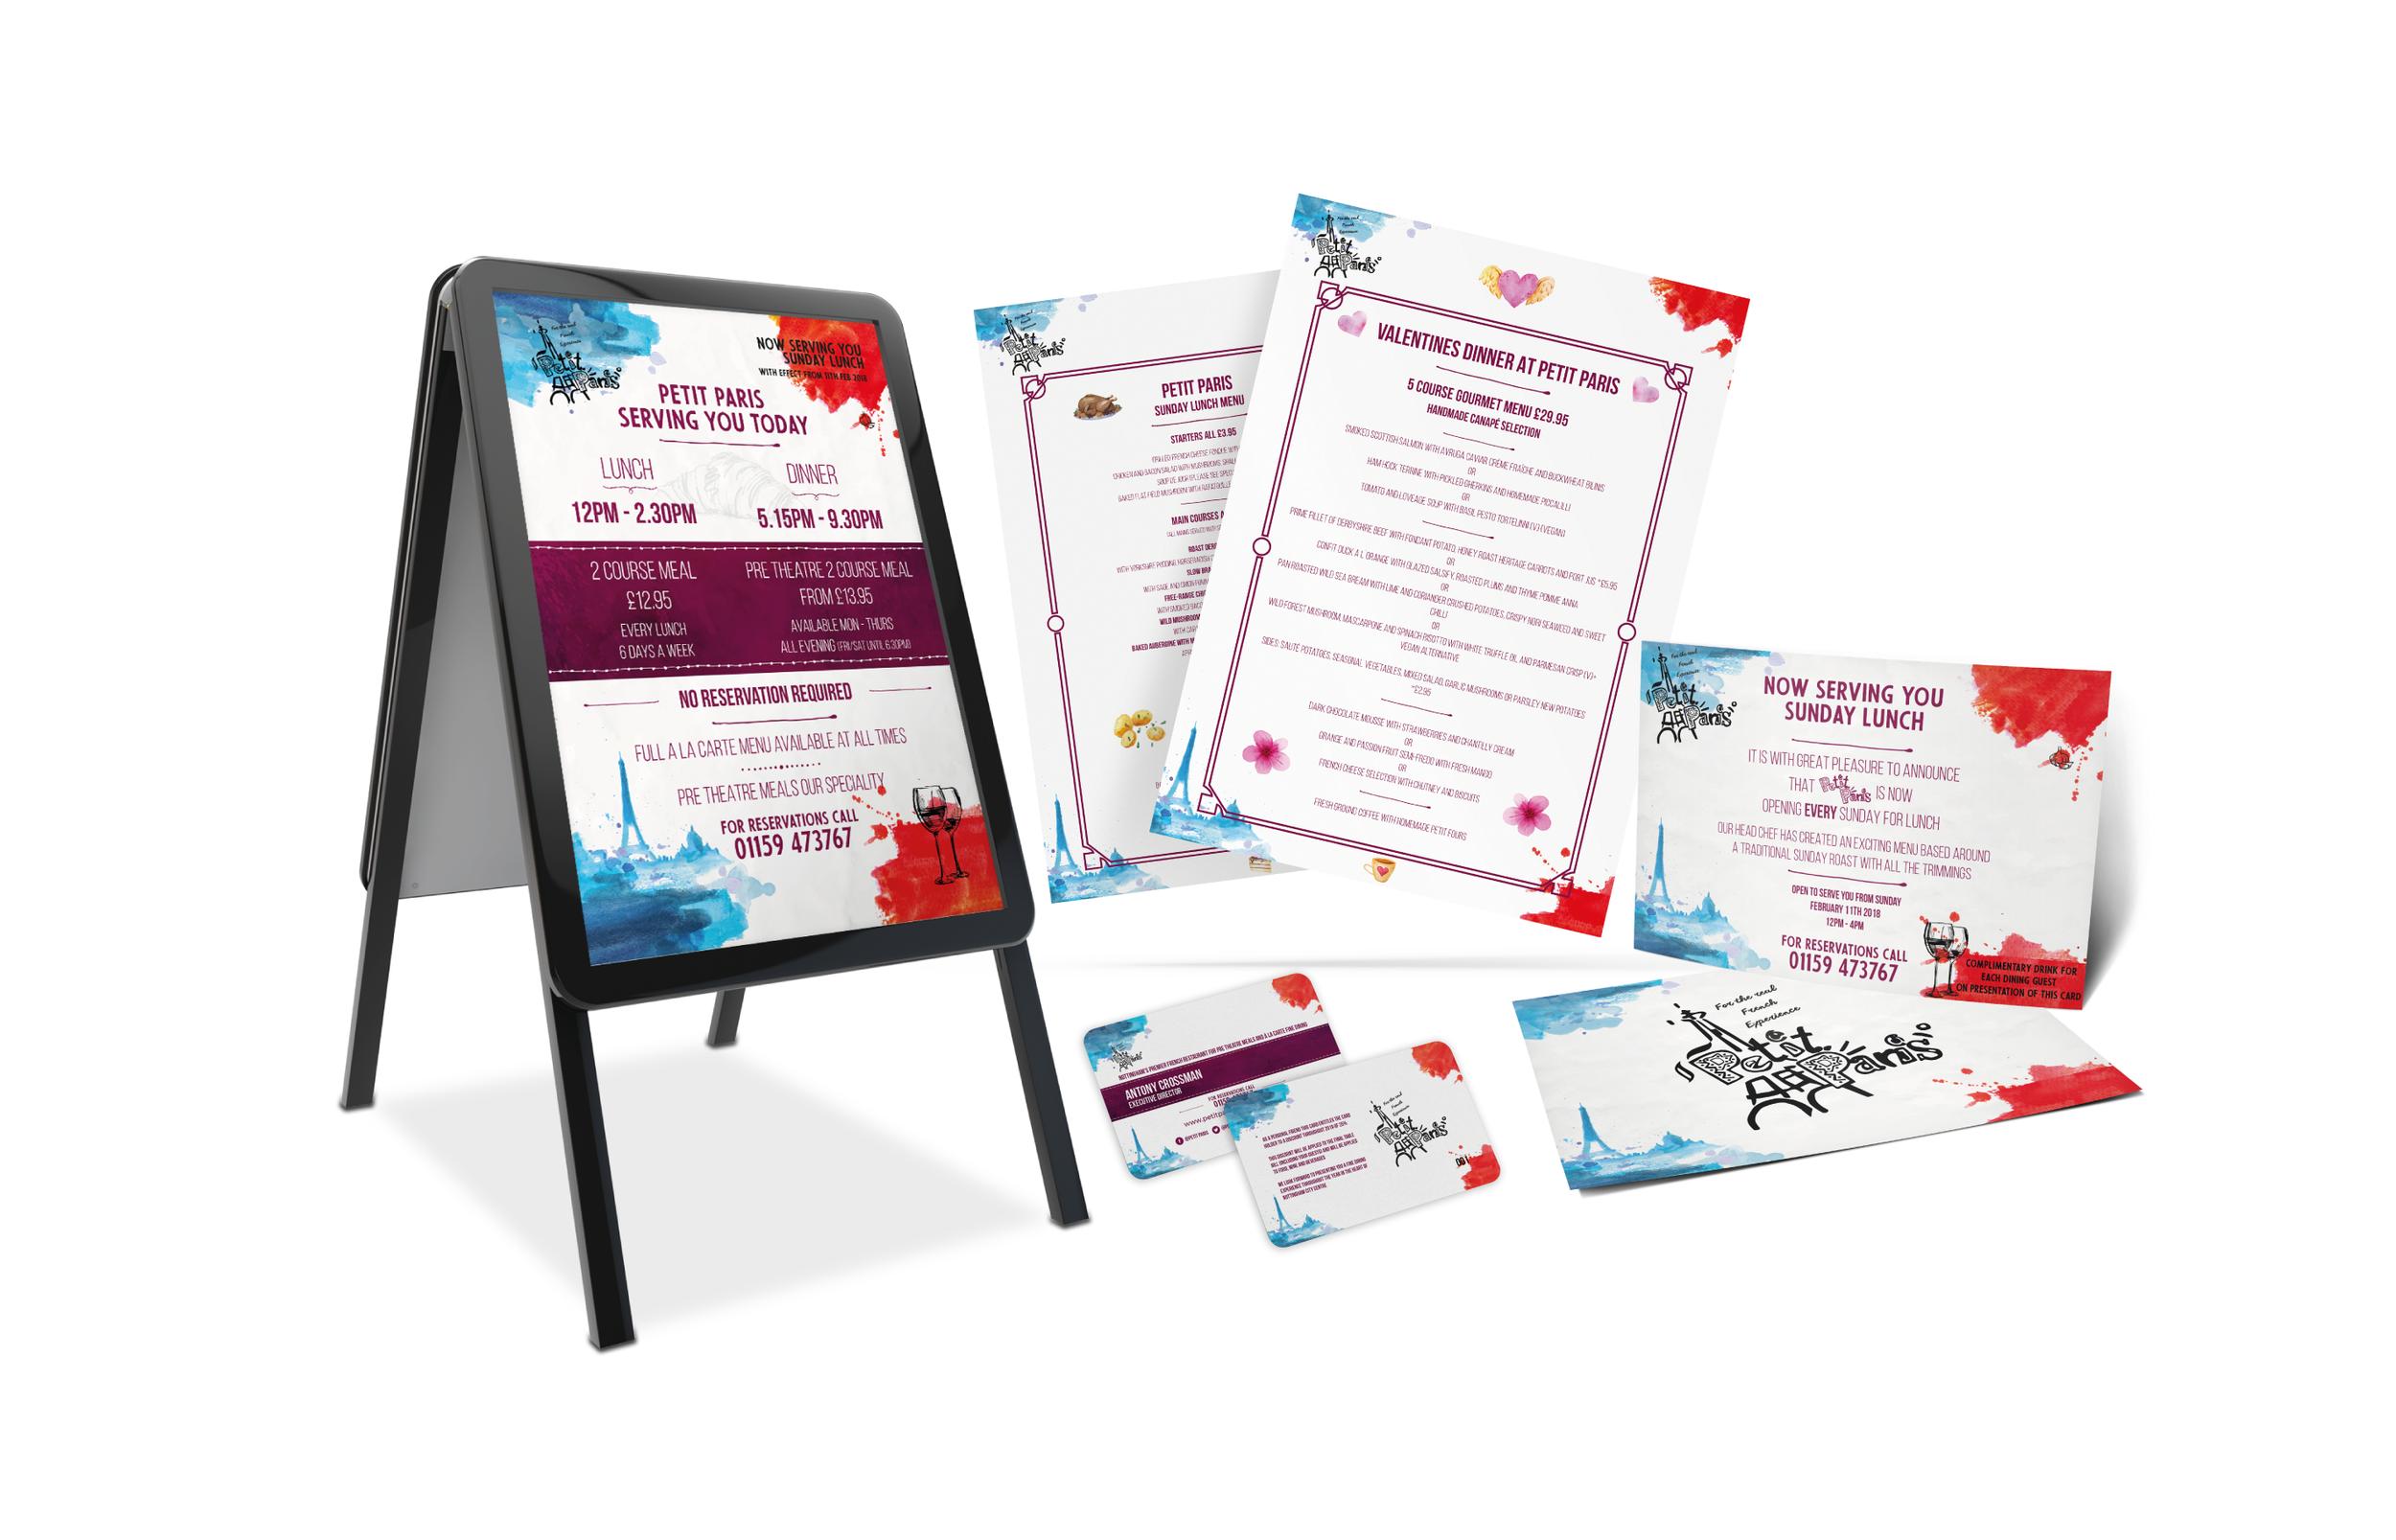 Restaurant Design and Print for Petit Paris